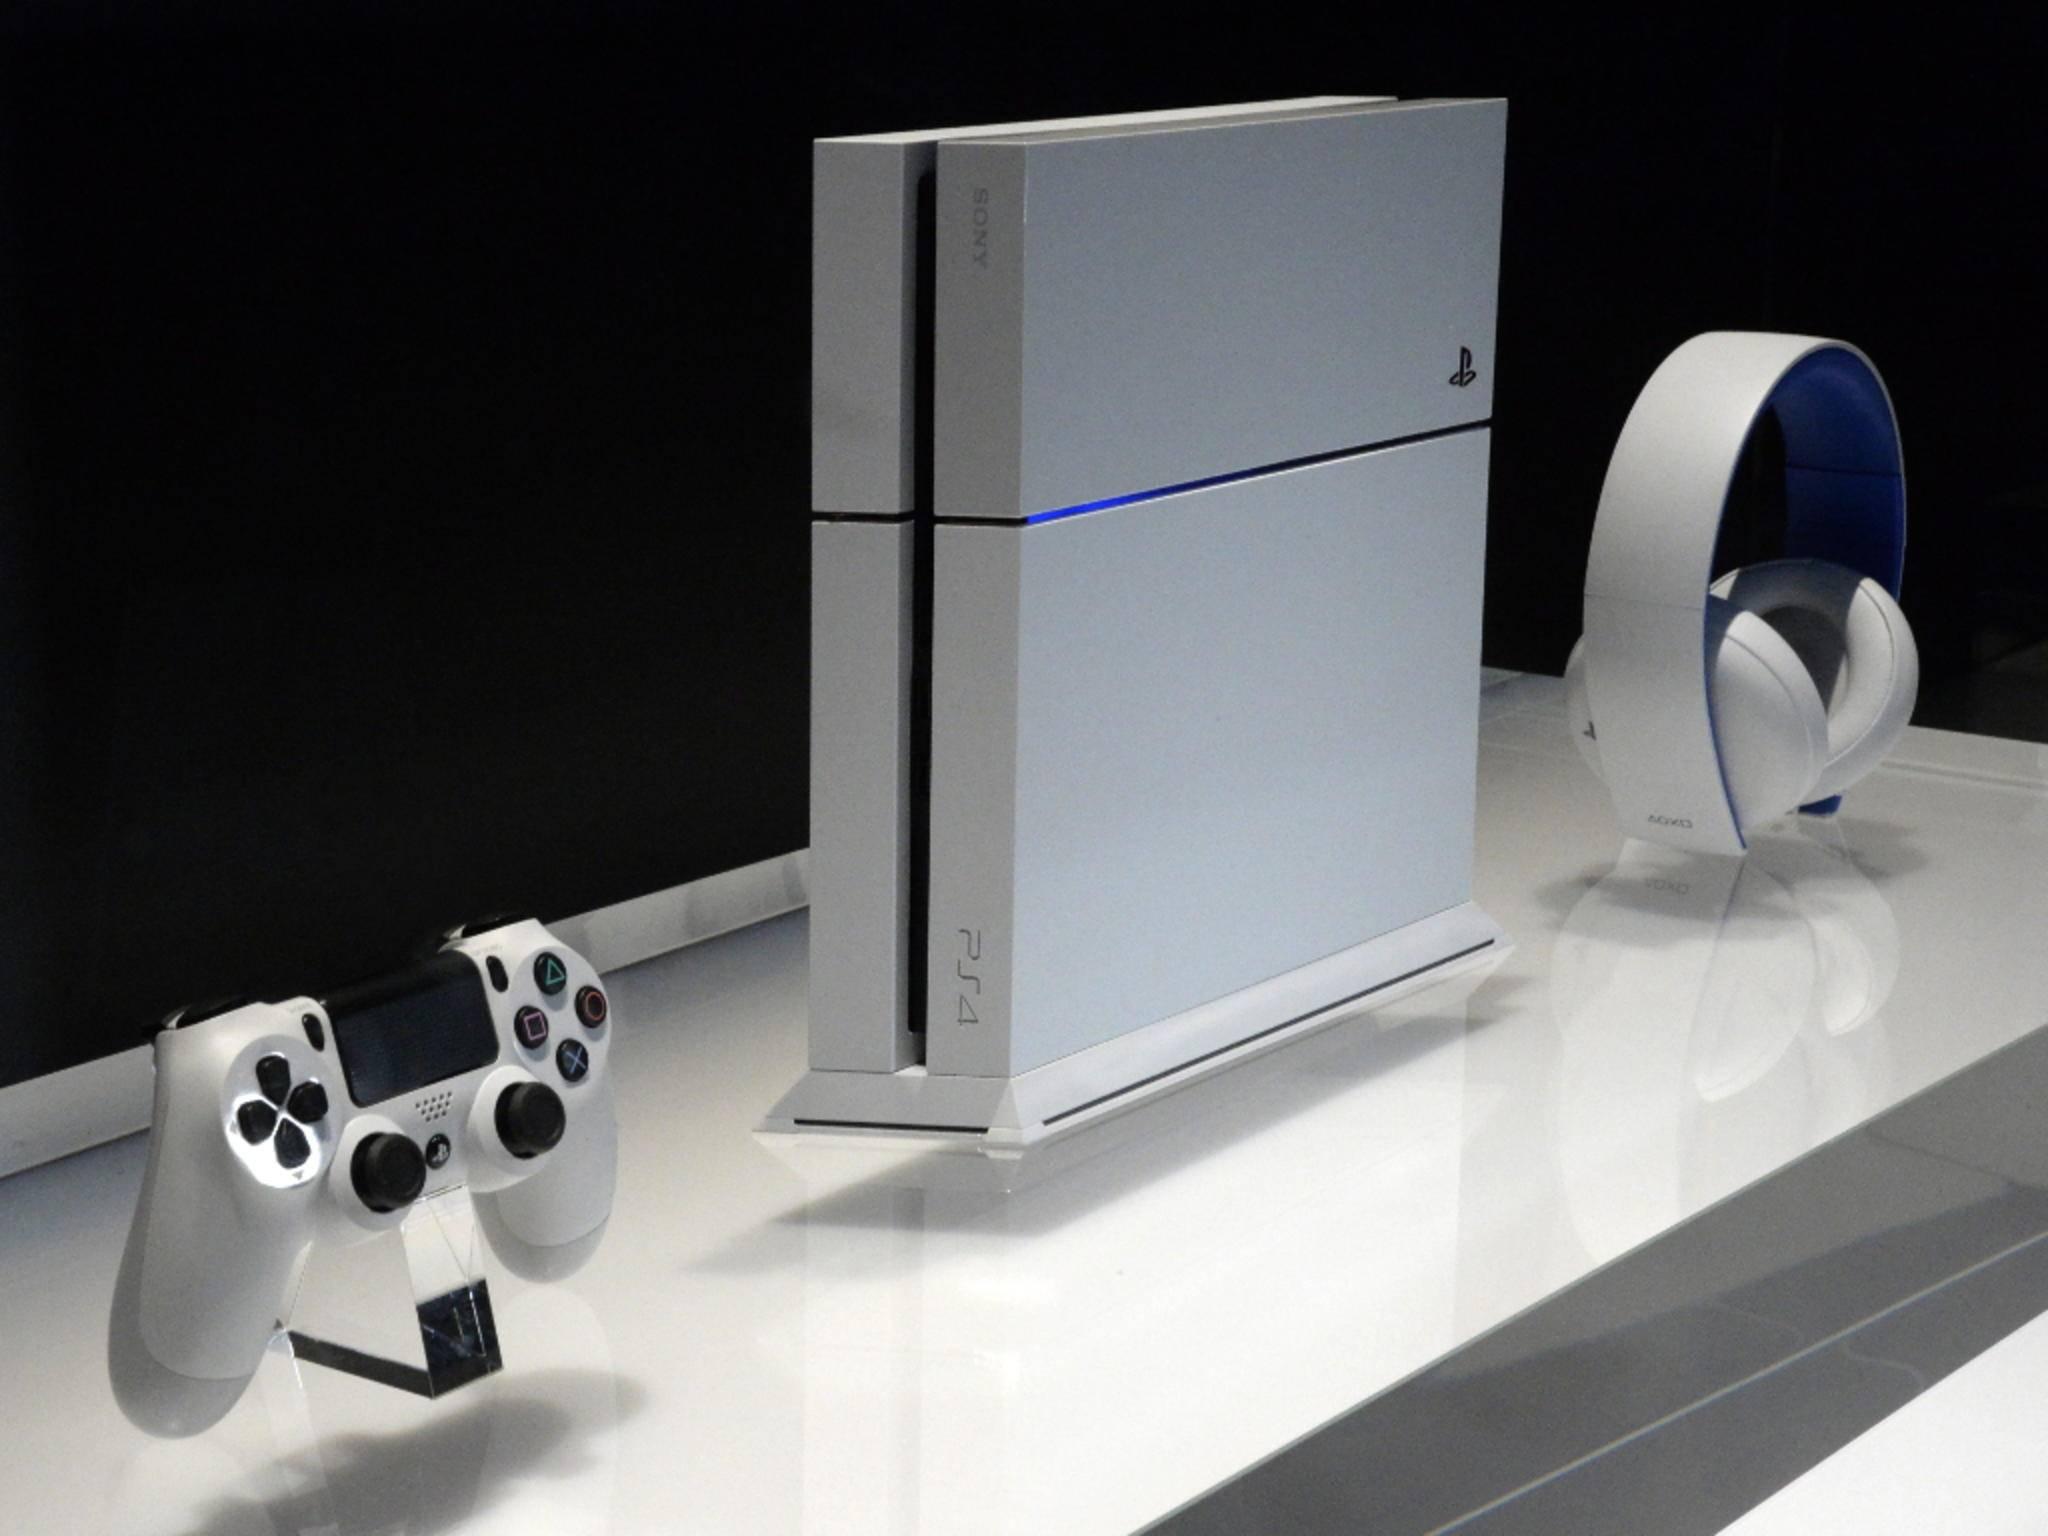 Nur mit dem richtigen Zubehör kann die PS 4 alle ihre Stärken ausspielen.